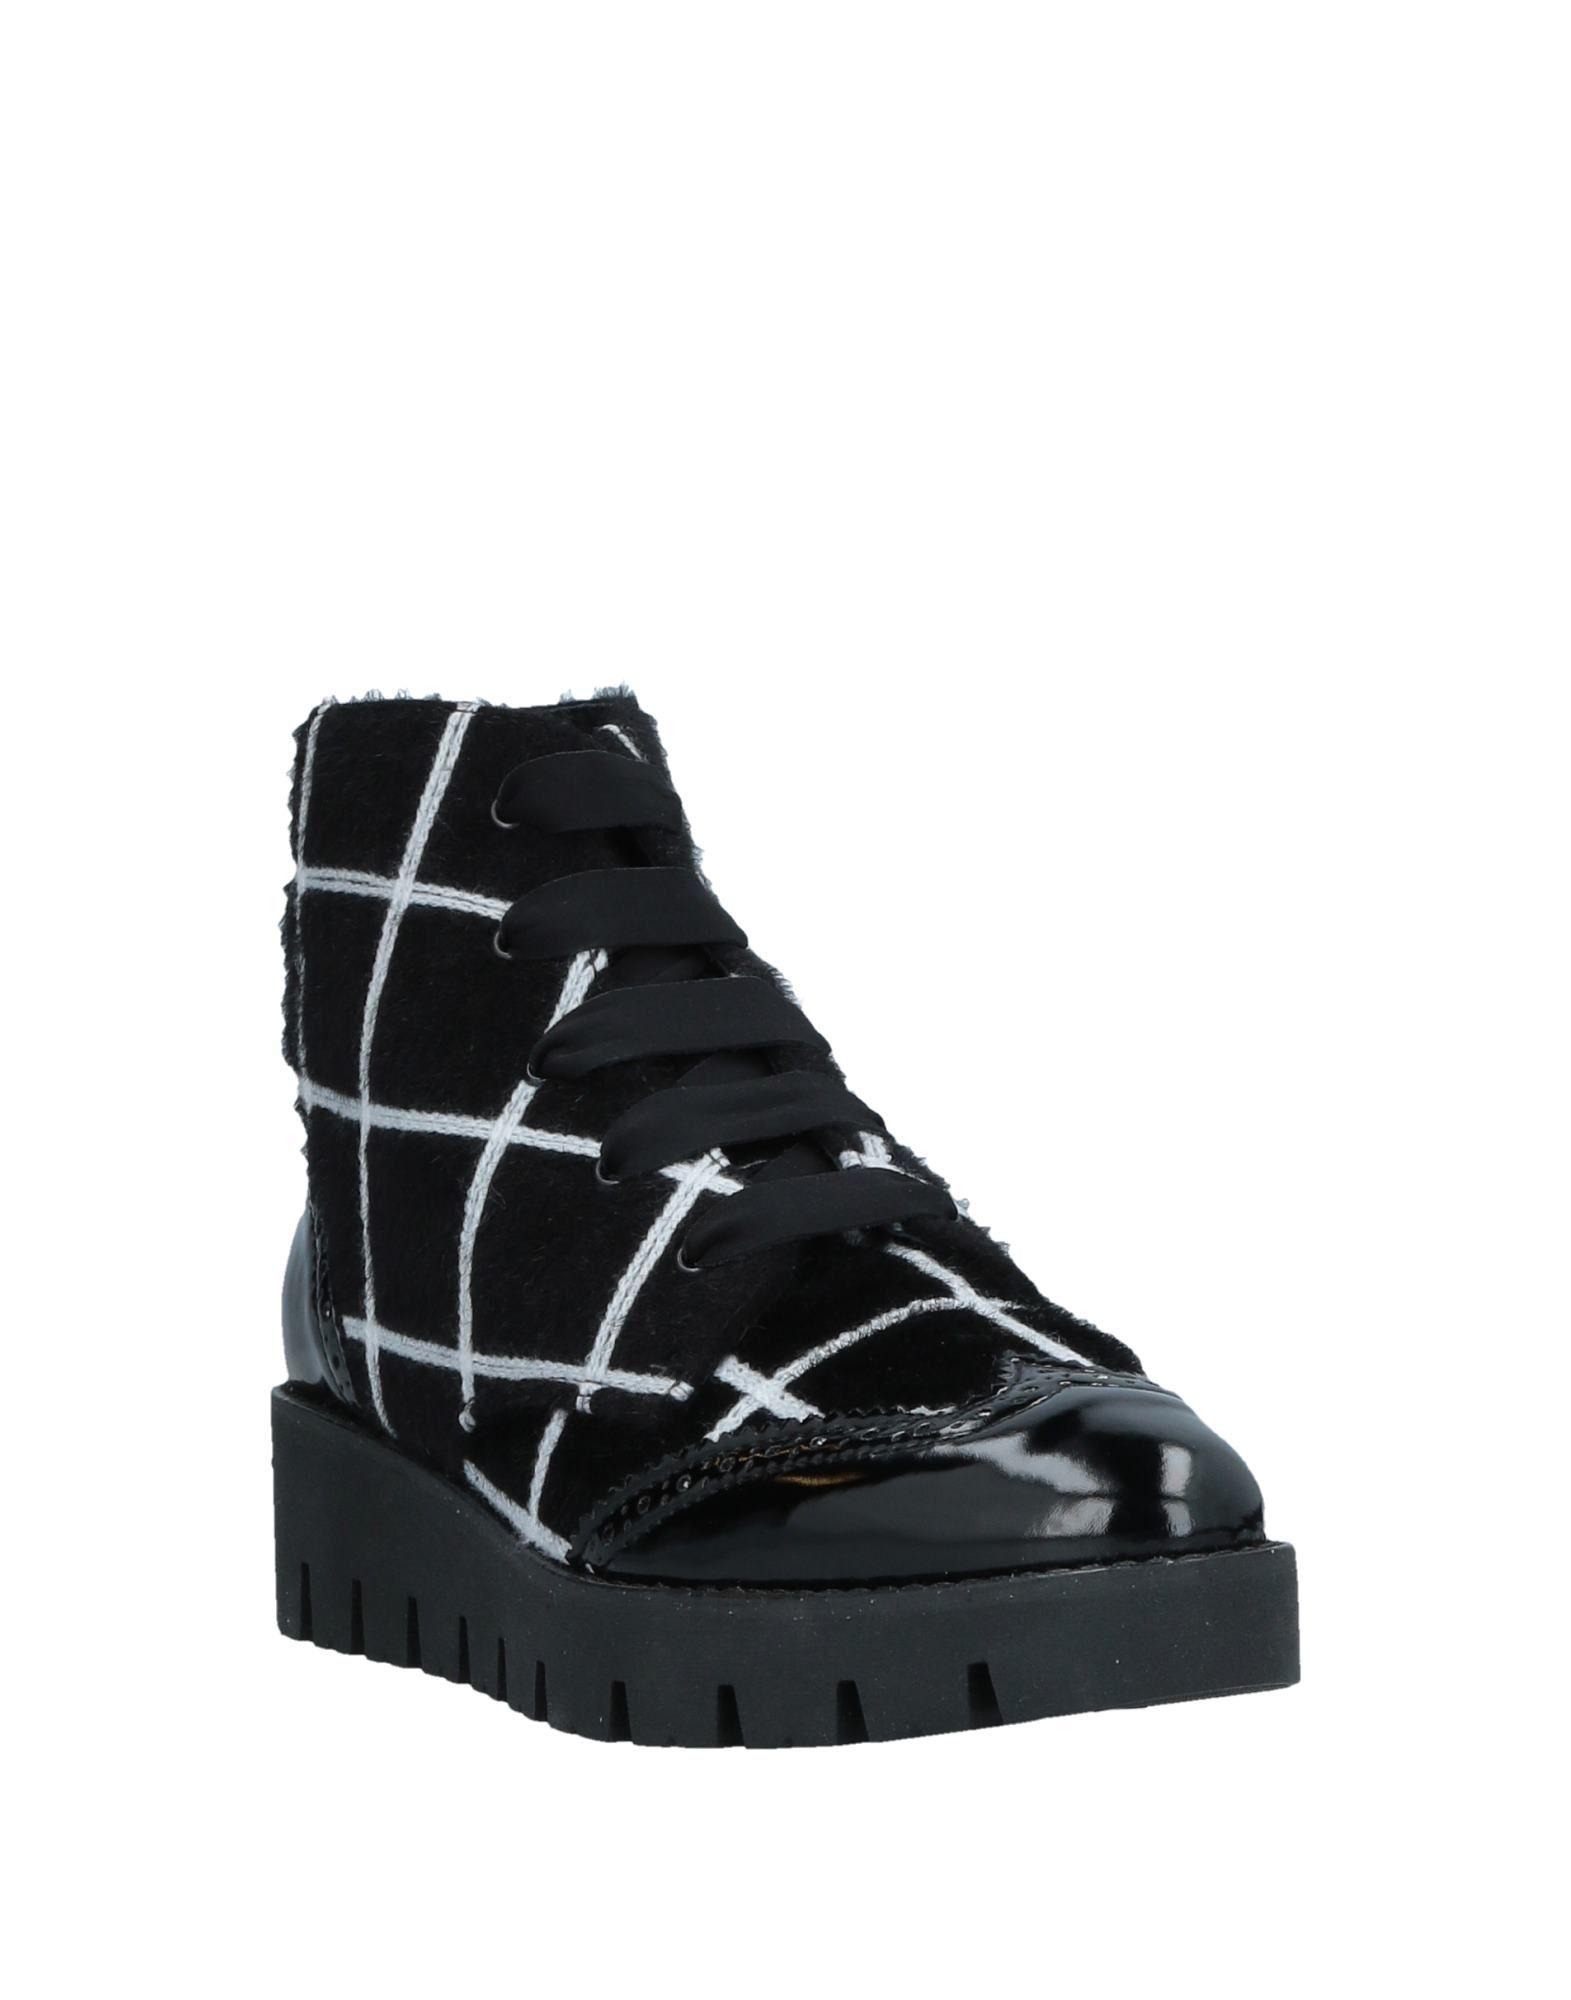 Kontessa Stiefelette Damen  11532888QK Gute Qualität beliebte Schuhe